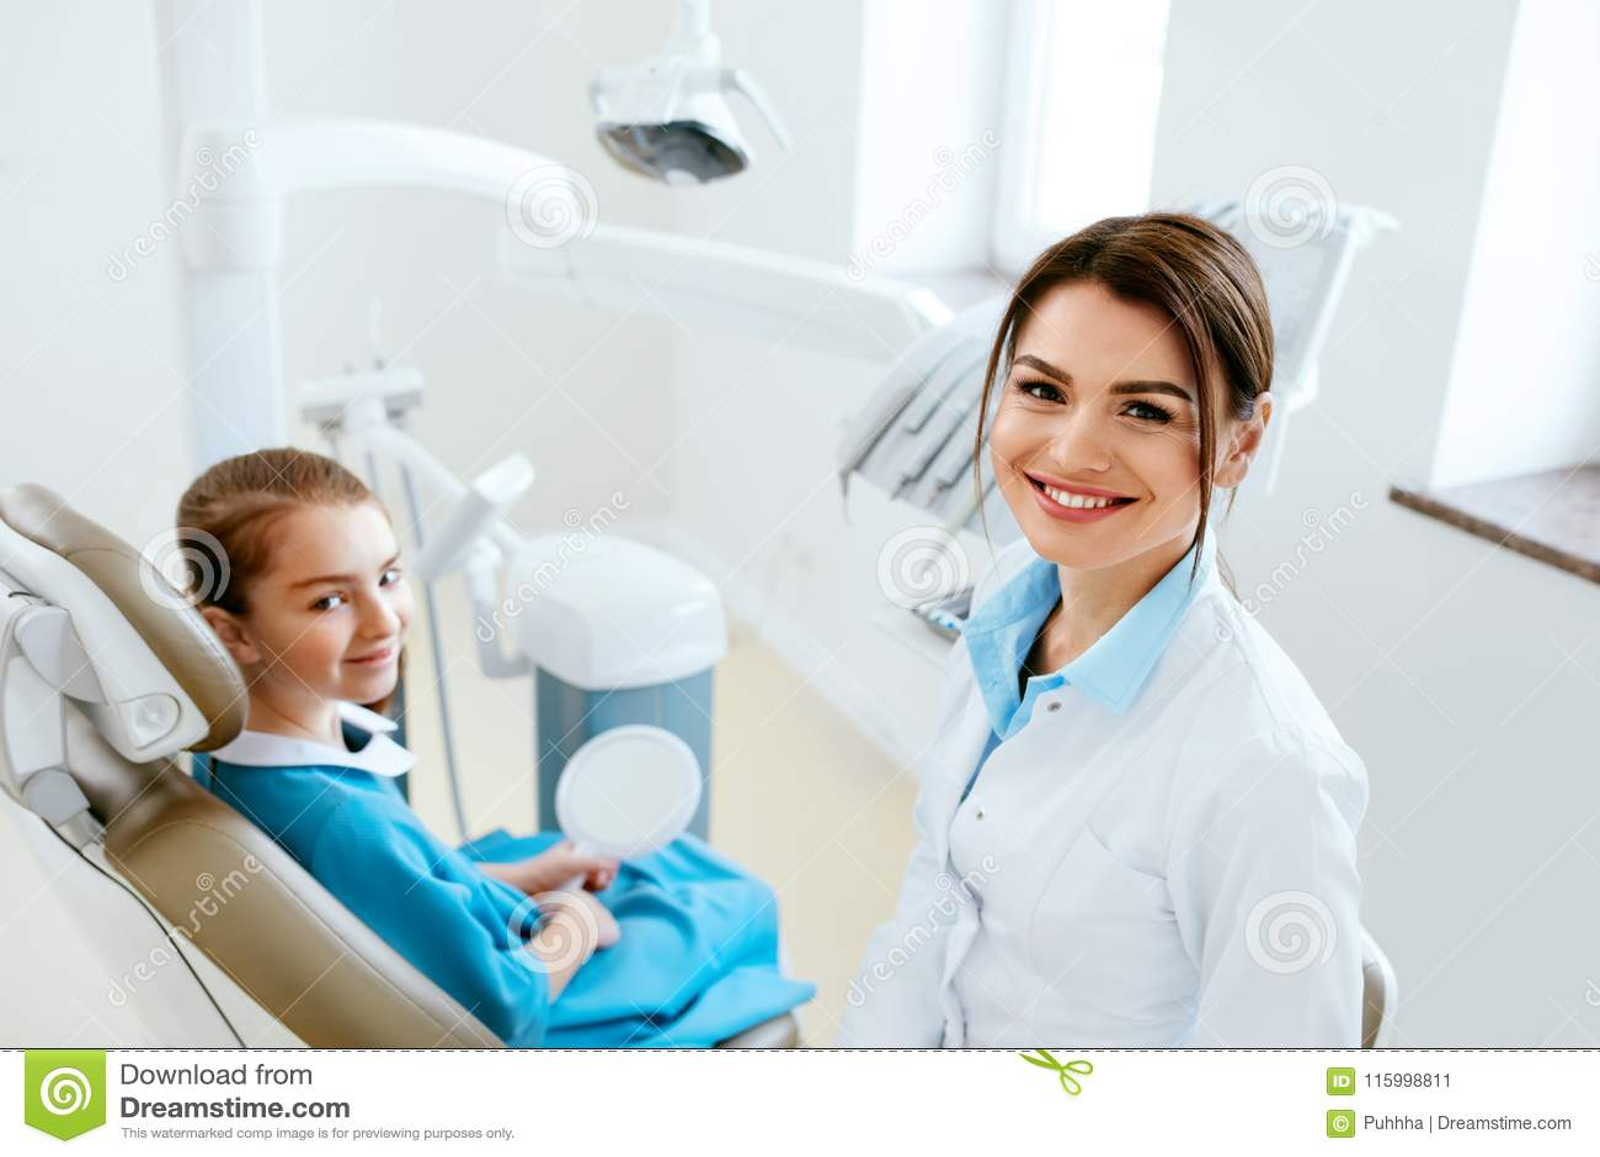 牙科 牙医医生和患者诊所的